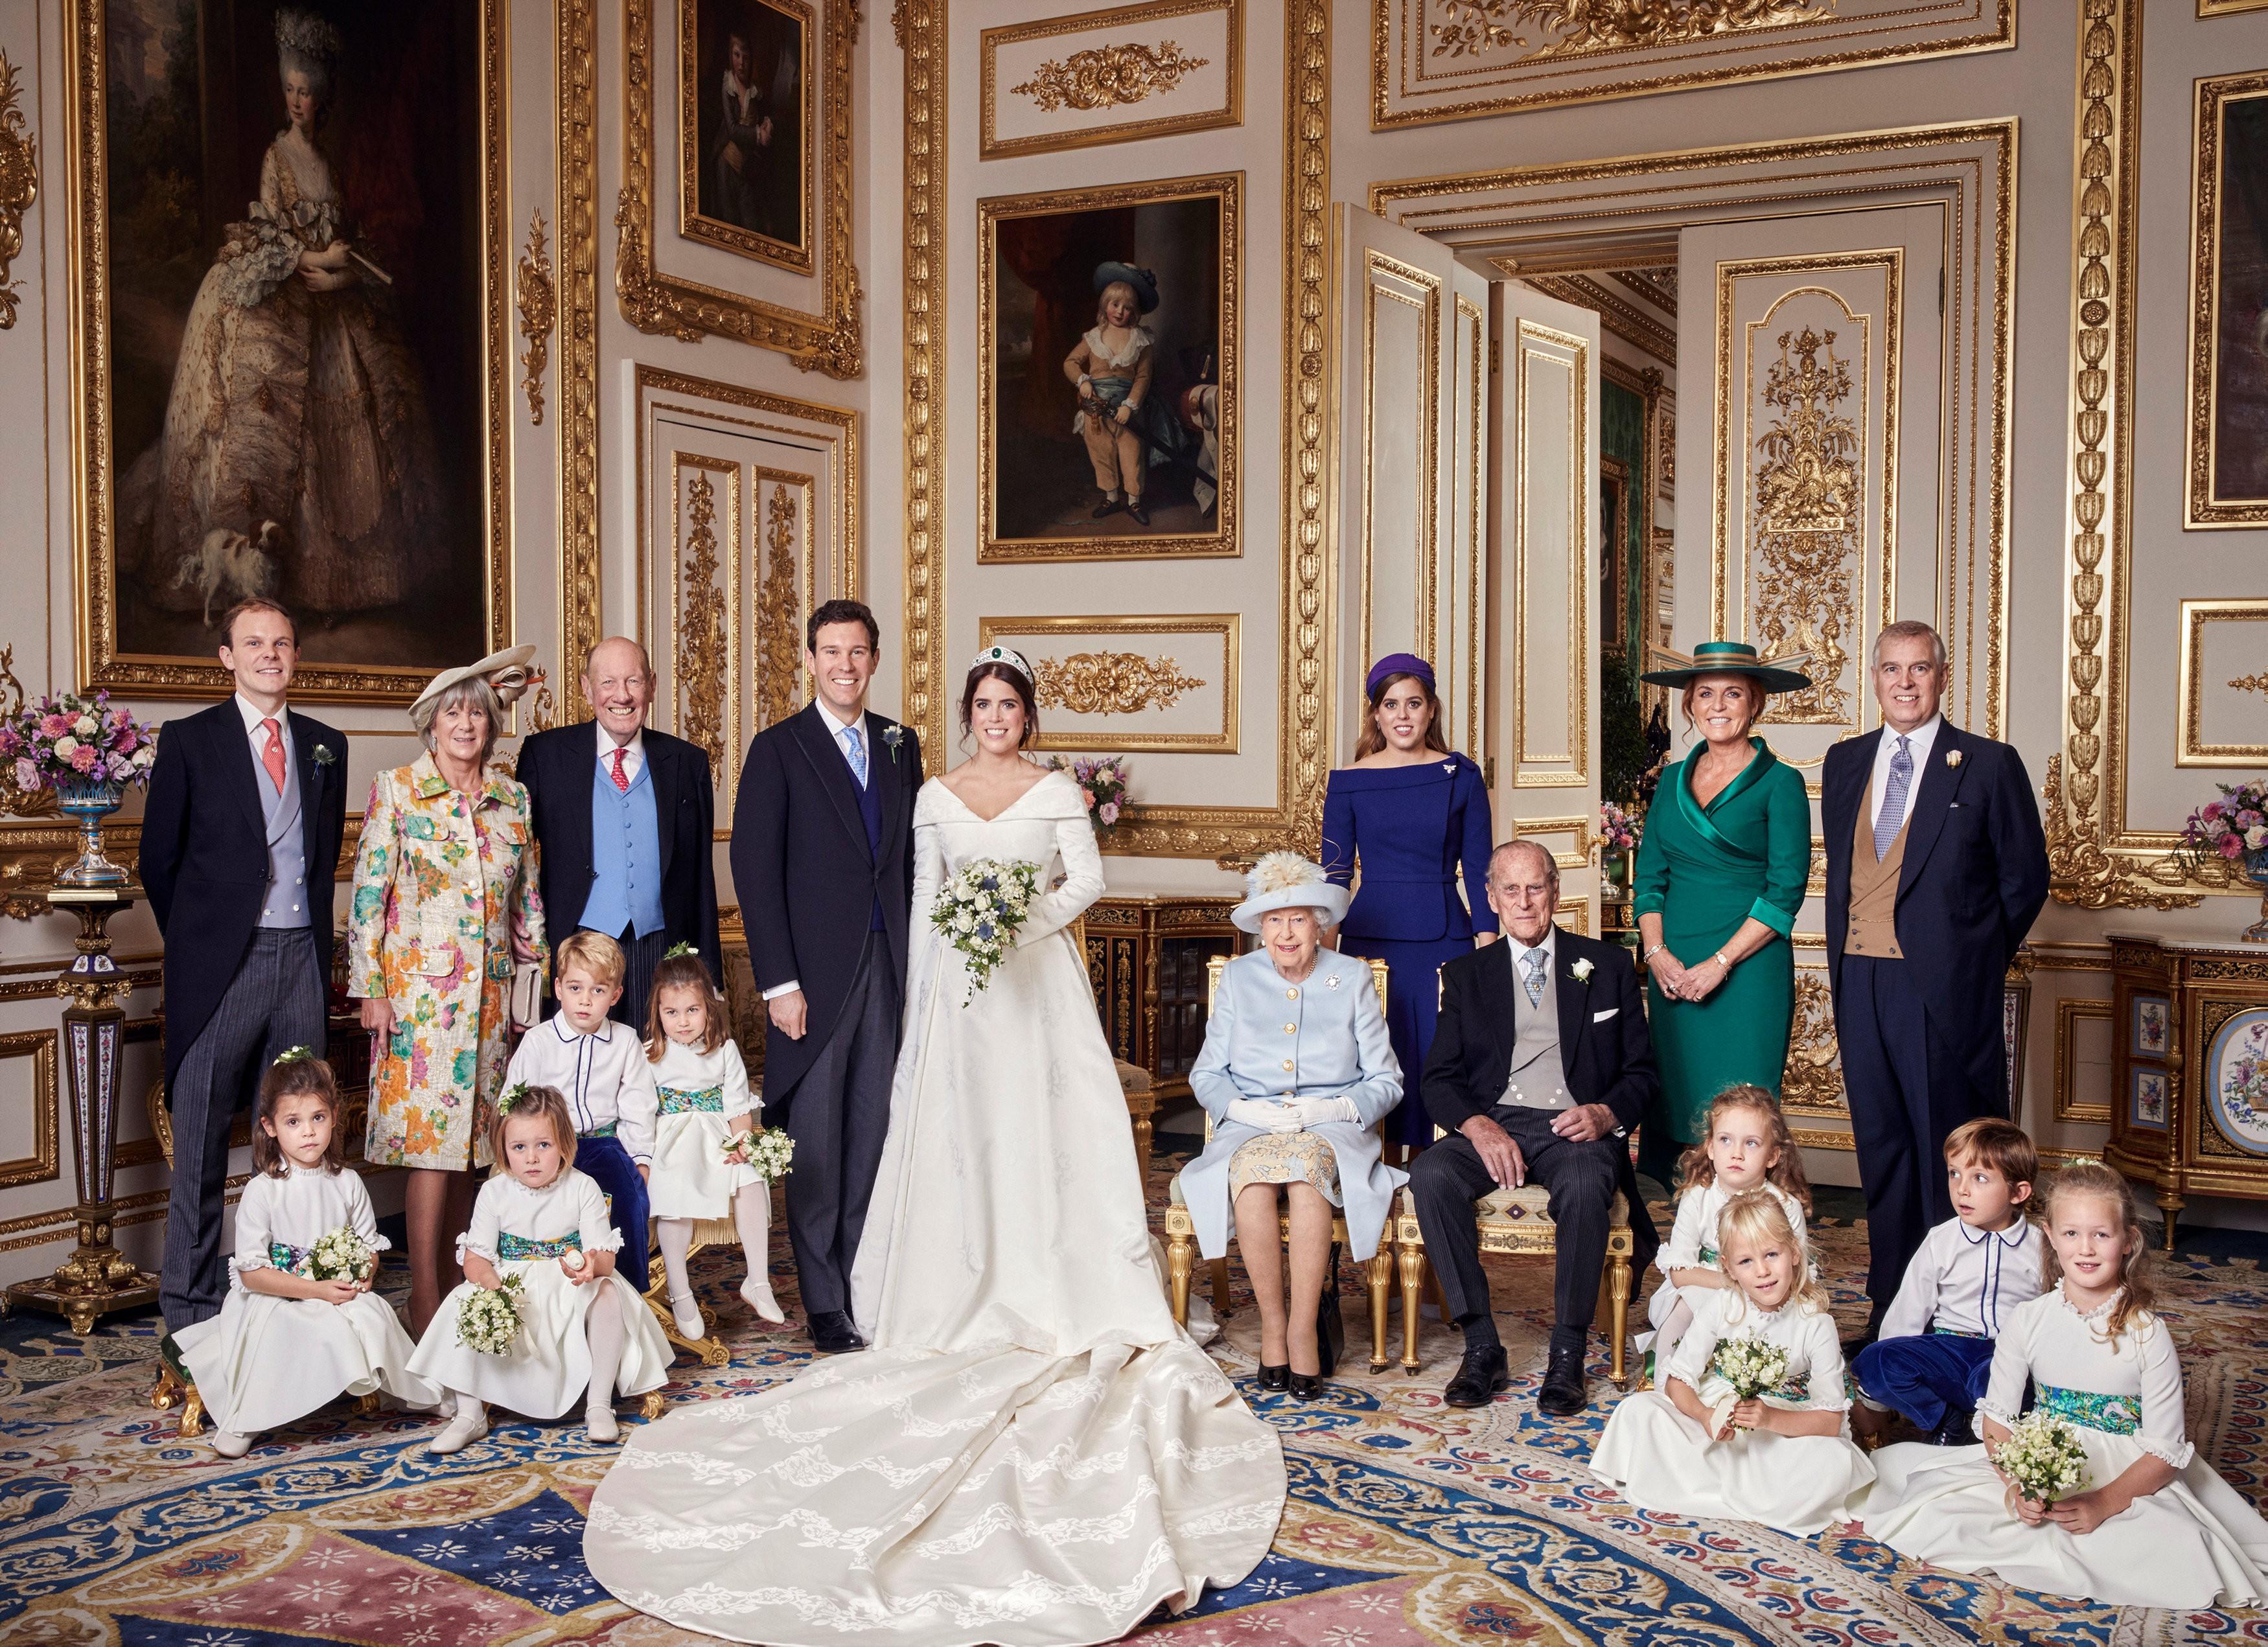 Casamento real: veja as fotos oficiais da princesa Eugenie, o marido Jack Brooksbank e família